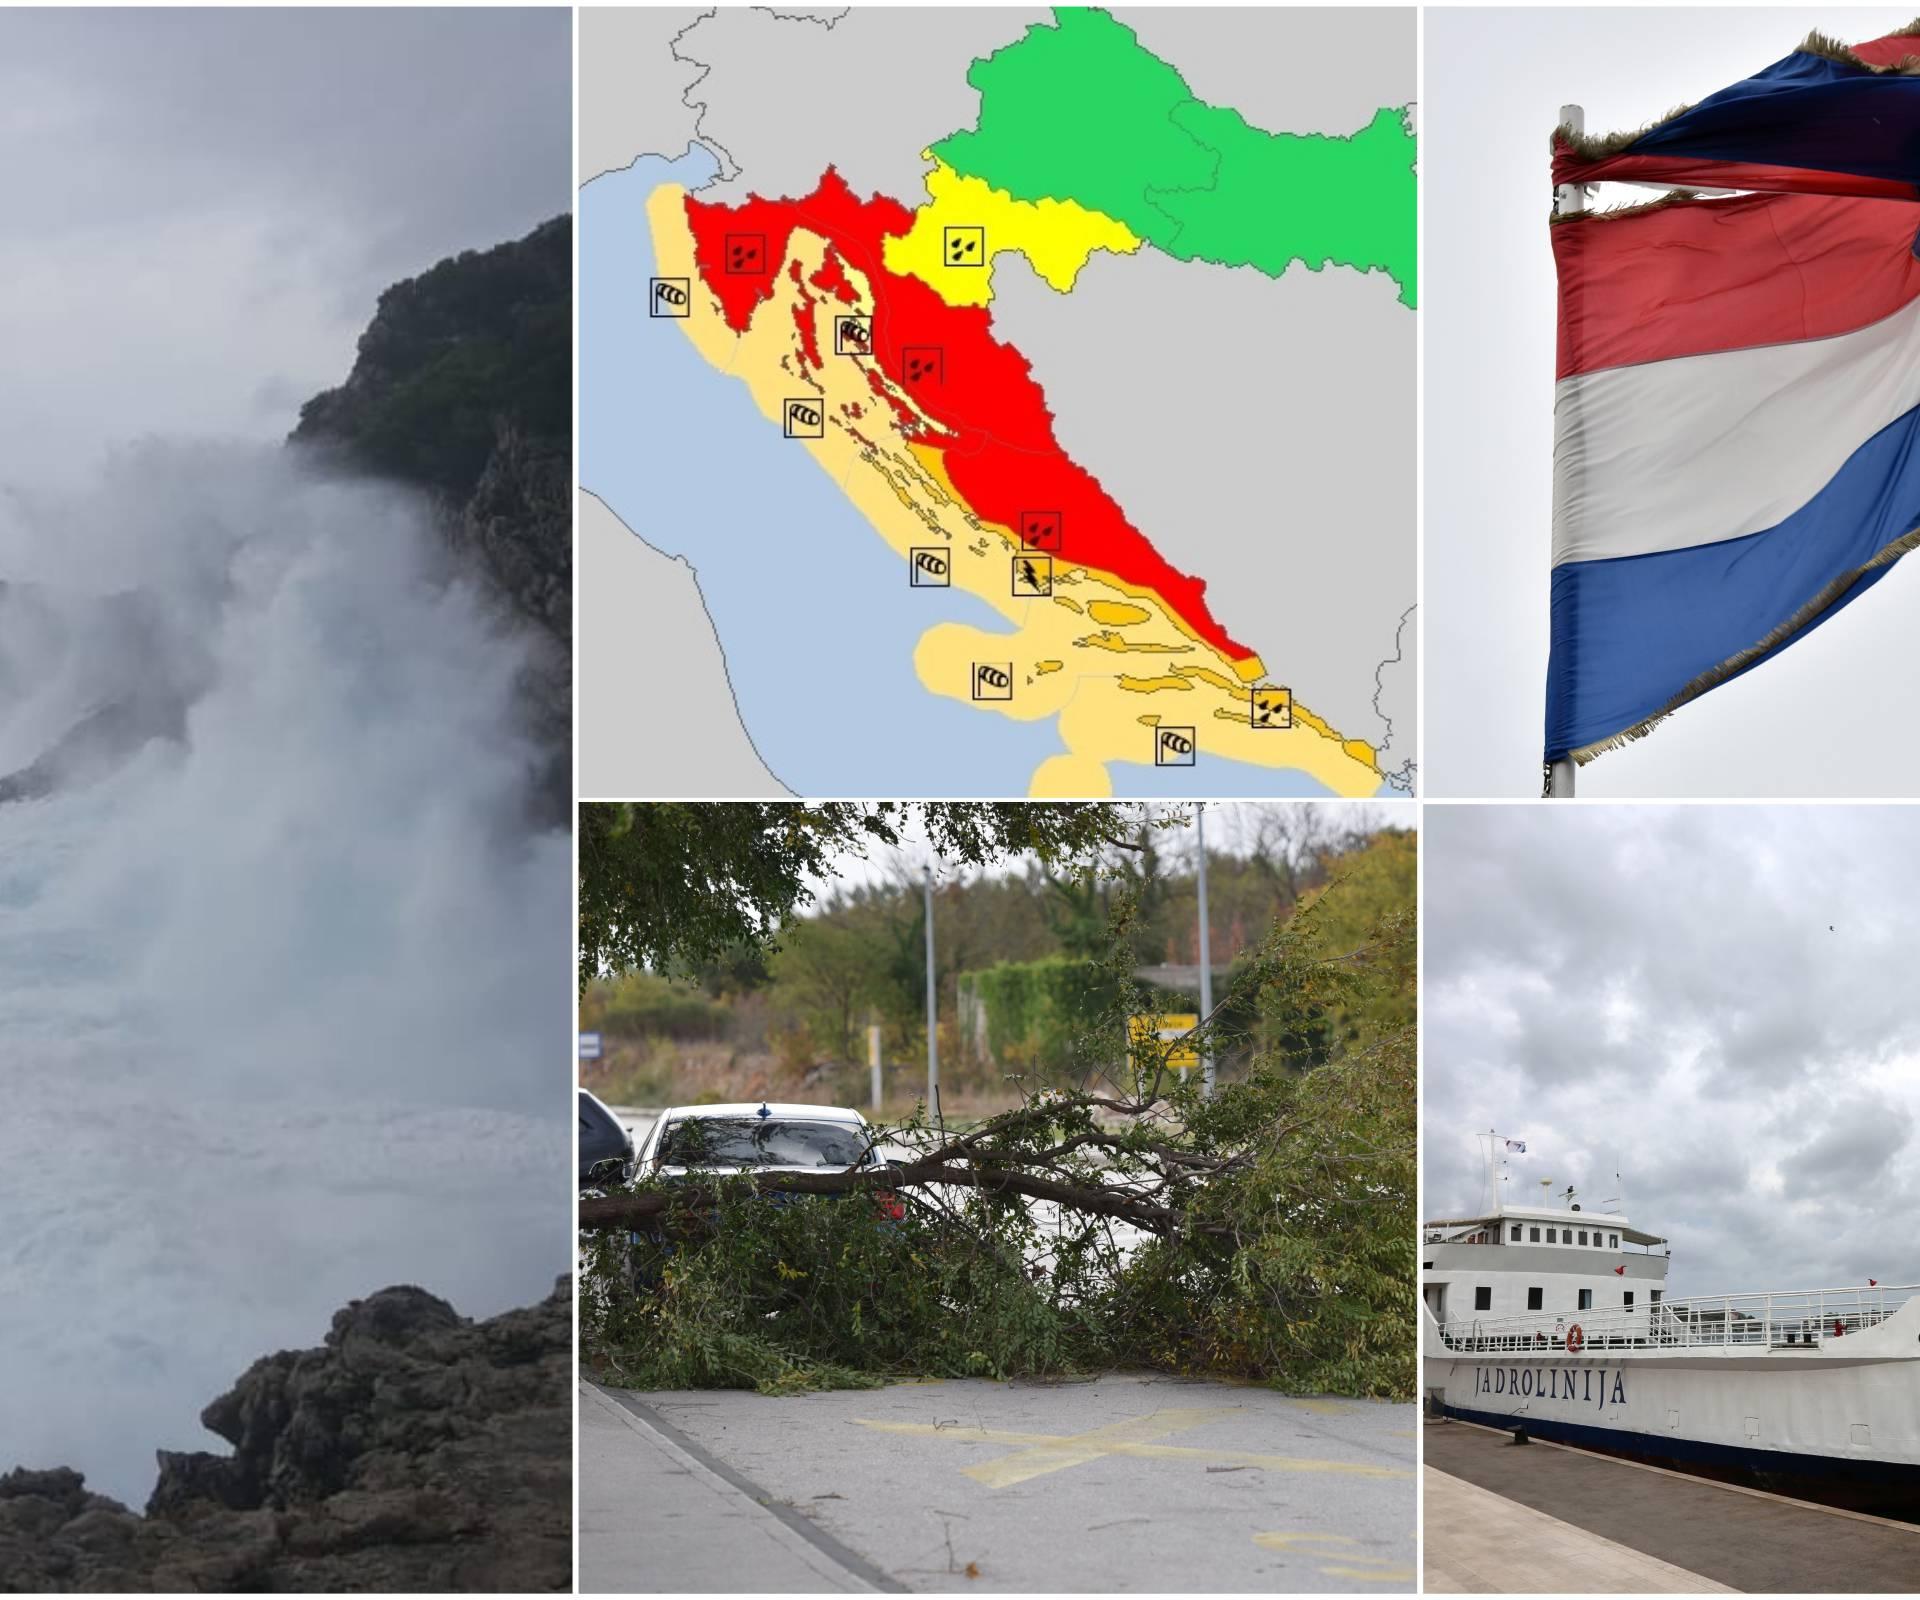 Crveni meteoalarm: Trajekti ne voze, najgore je tek pred nama